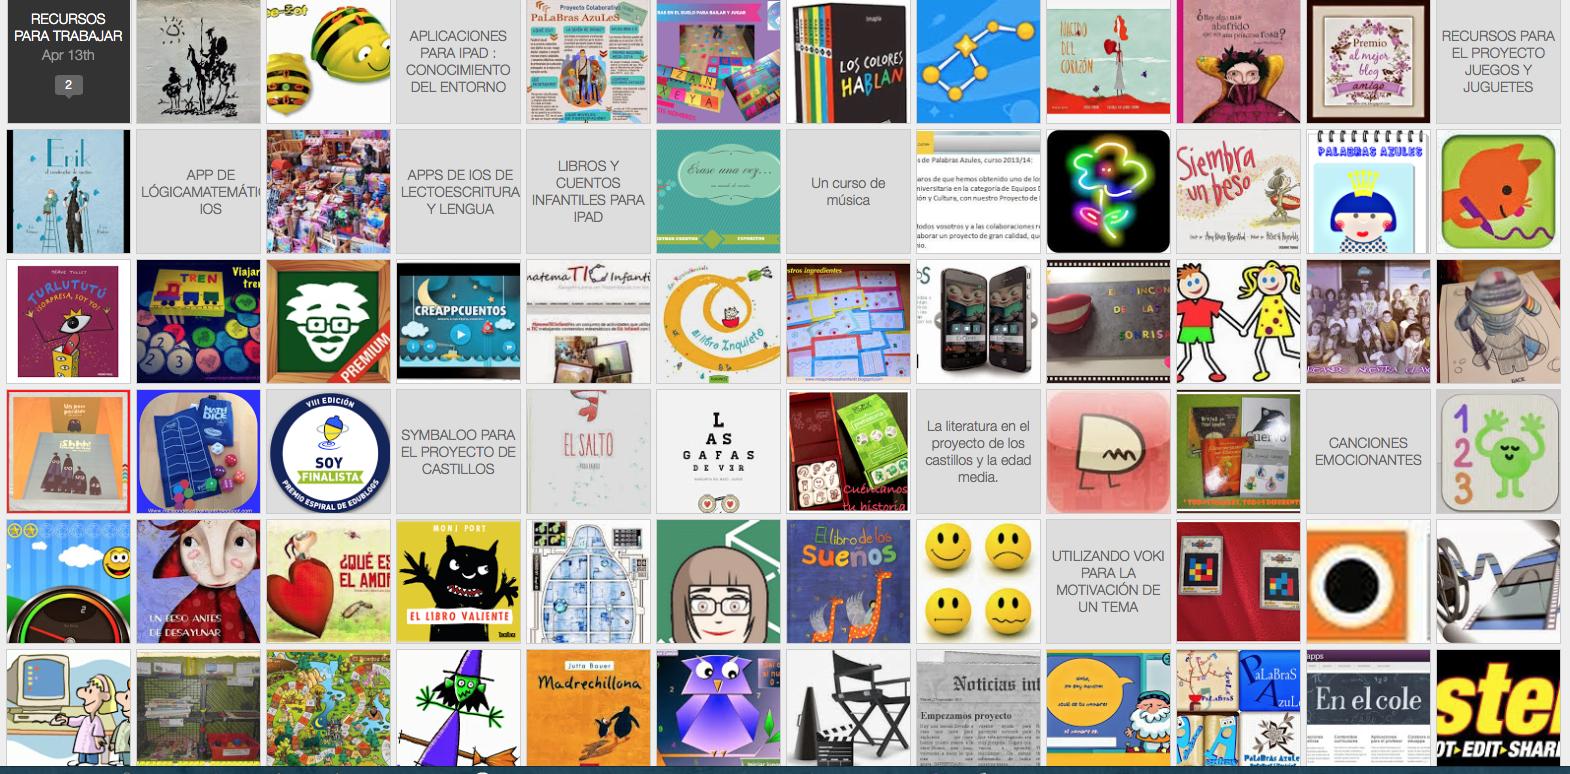 El blog en imágenes